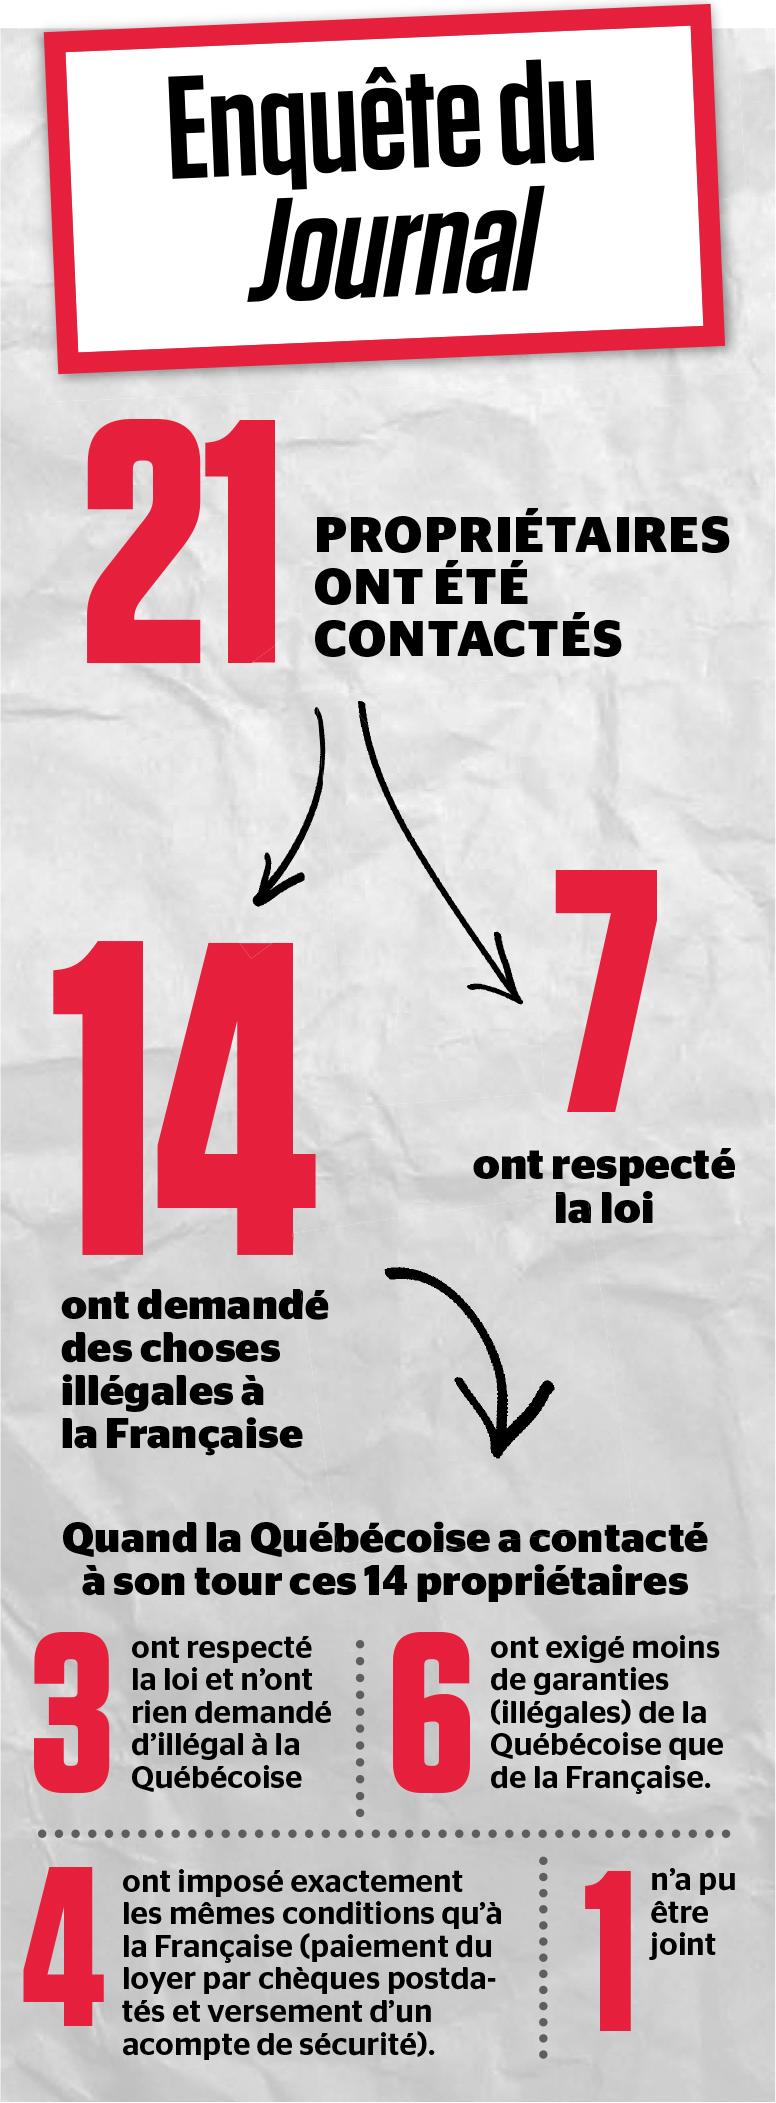 Canada Les Francais Sont Des Proies Faciles Pour La Location De